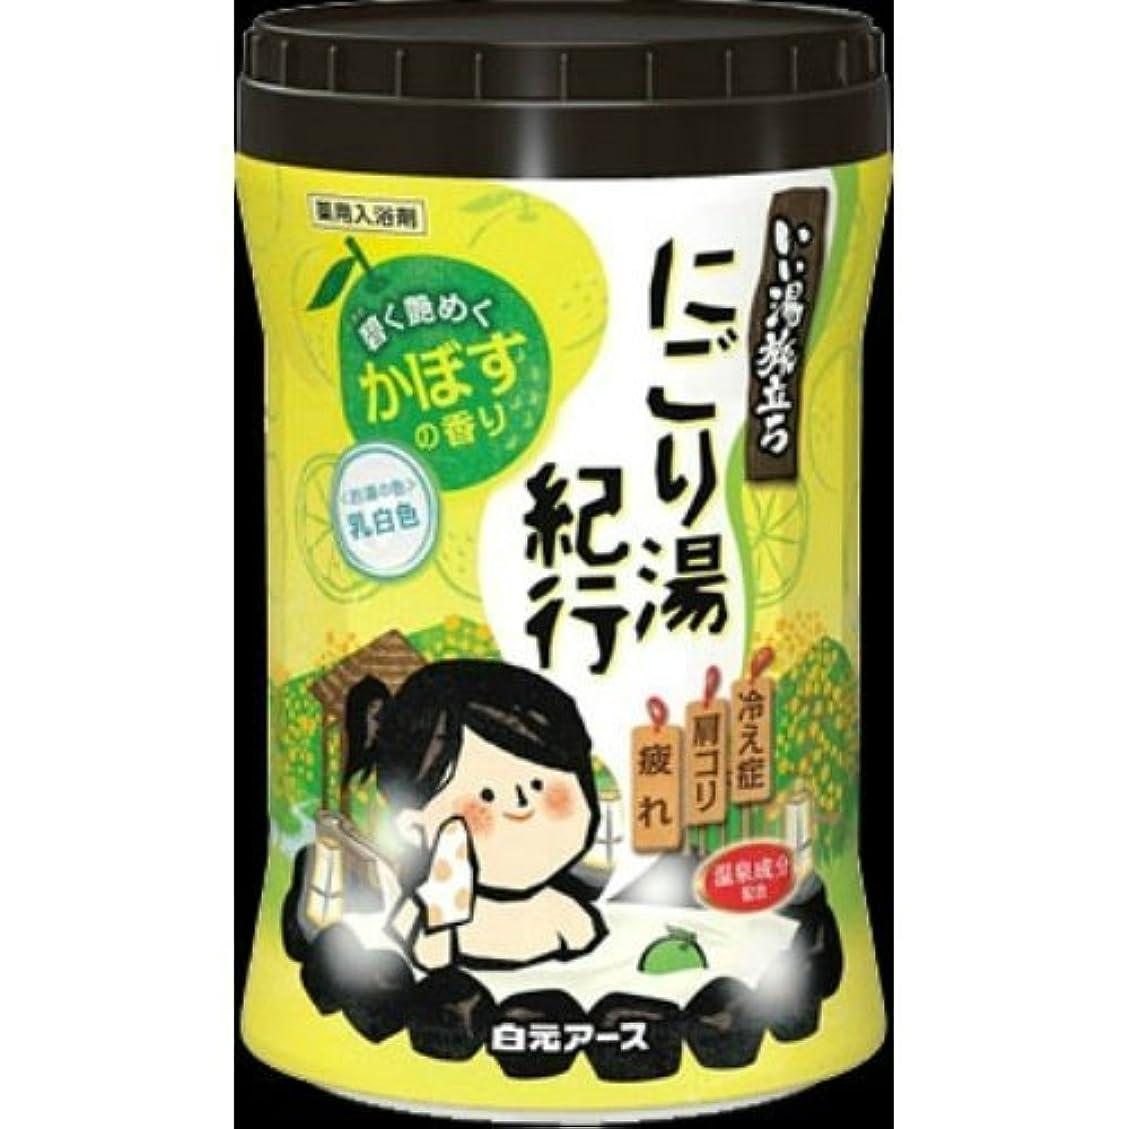 司法国家発症いい湯旅立ちボトル にごり湯紀行 かぼすの香り600g × 15個セット